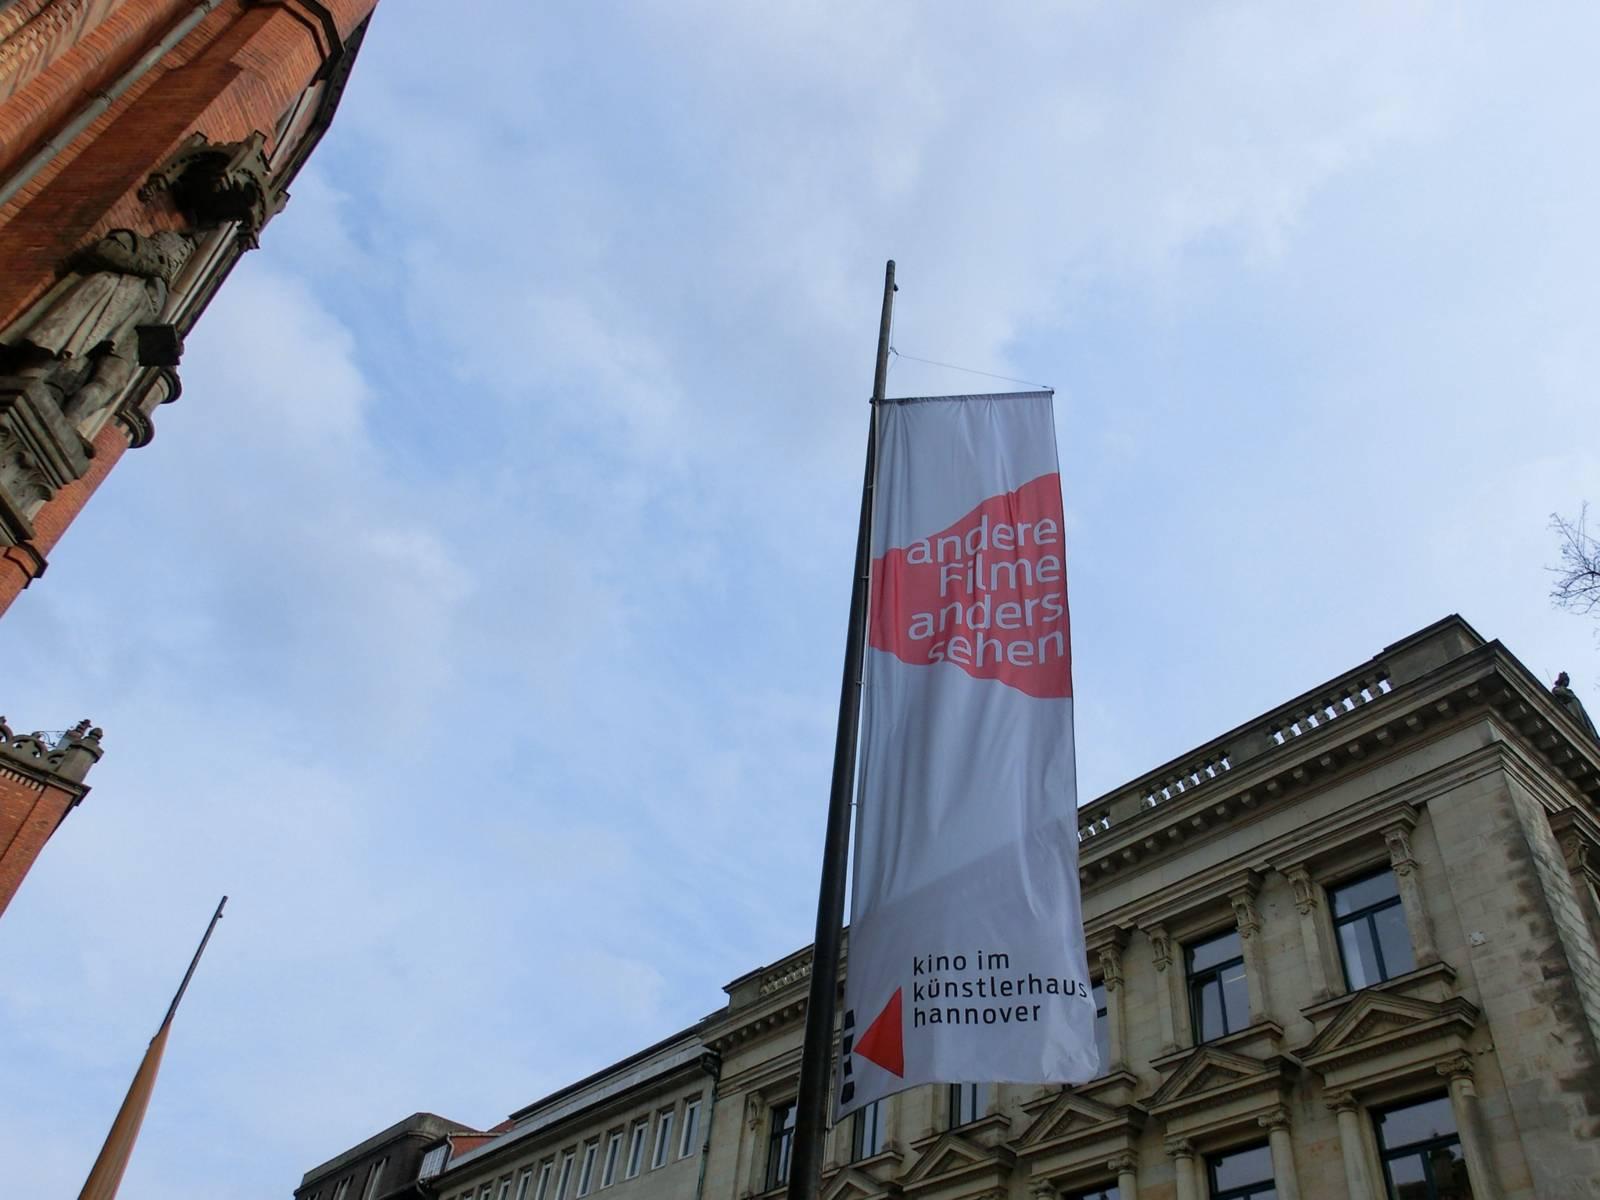 """Eine Fahne vor einem Gebäude mit der Aufschrift """"andere Filme anders sehen"""" und """"Kino im Künstlerhaus"""""""